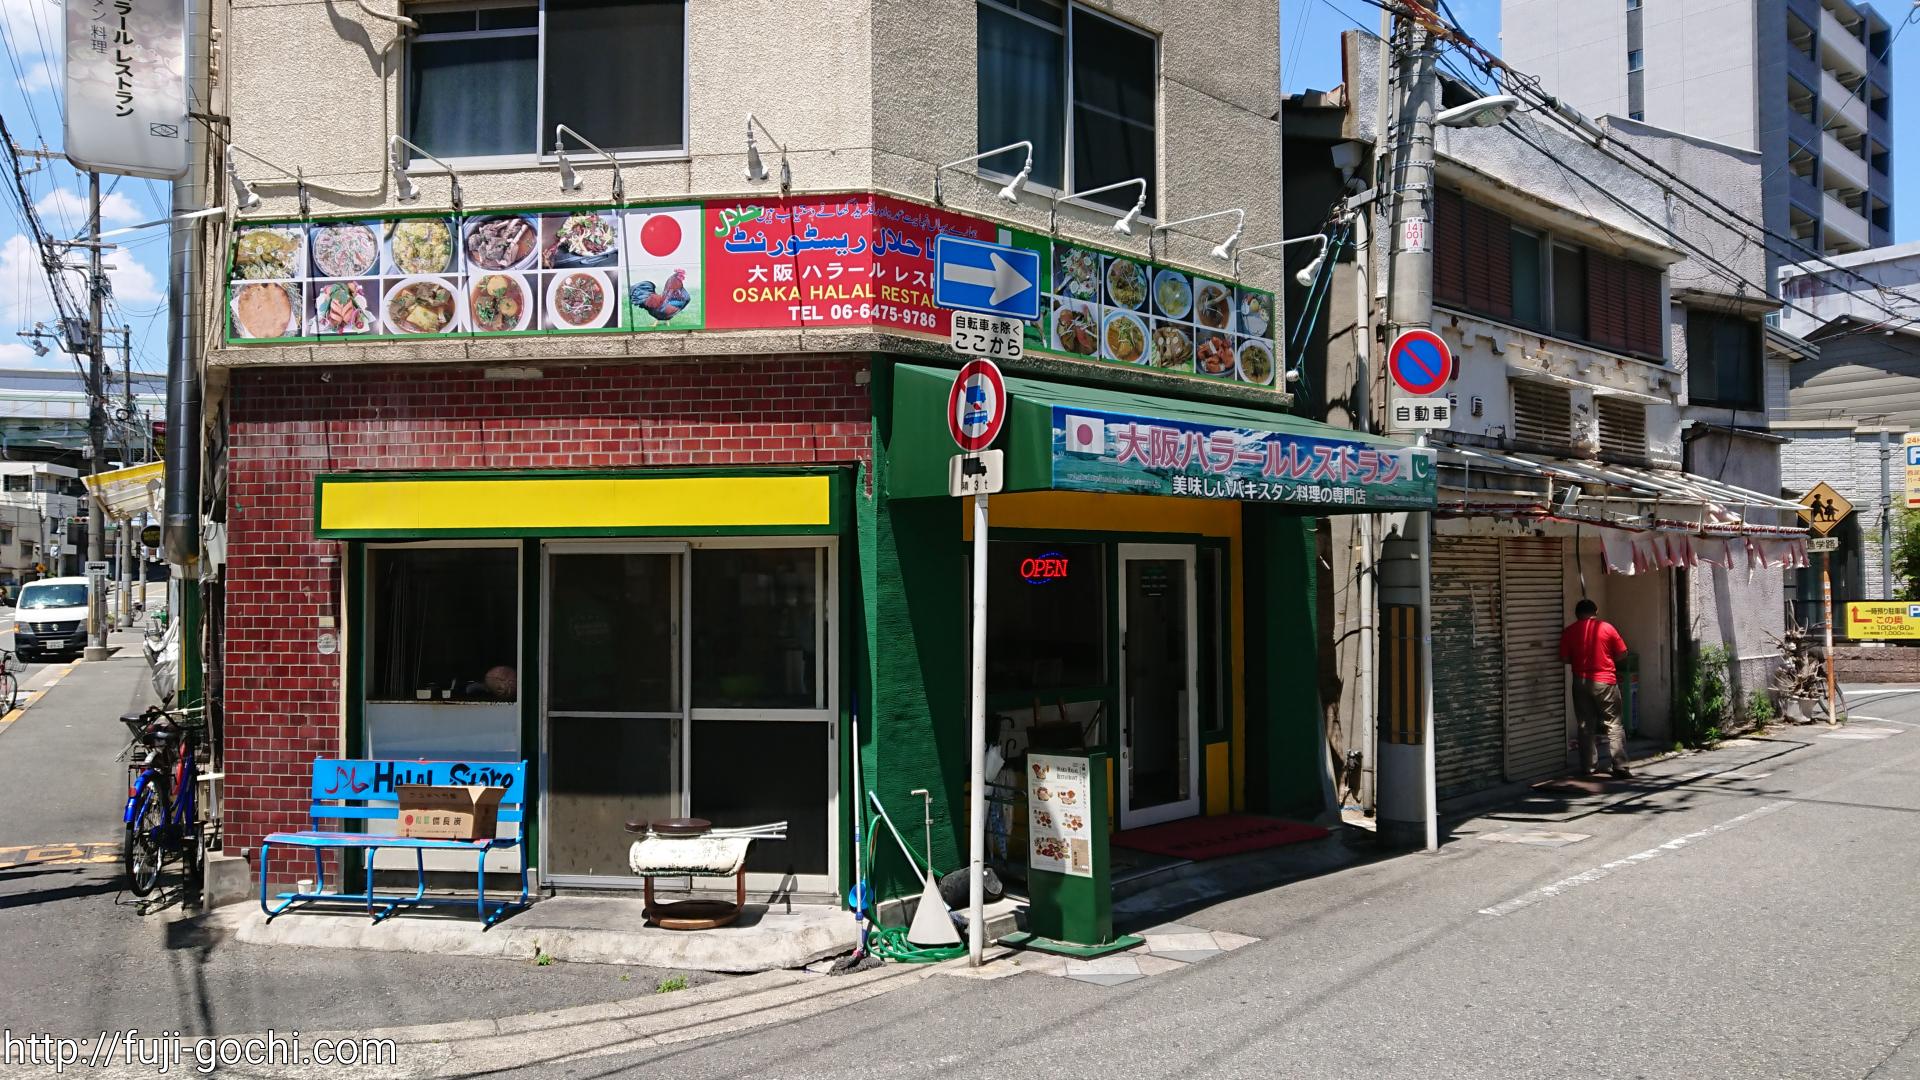 大阪 ハラール レストラン